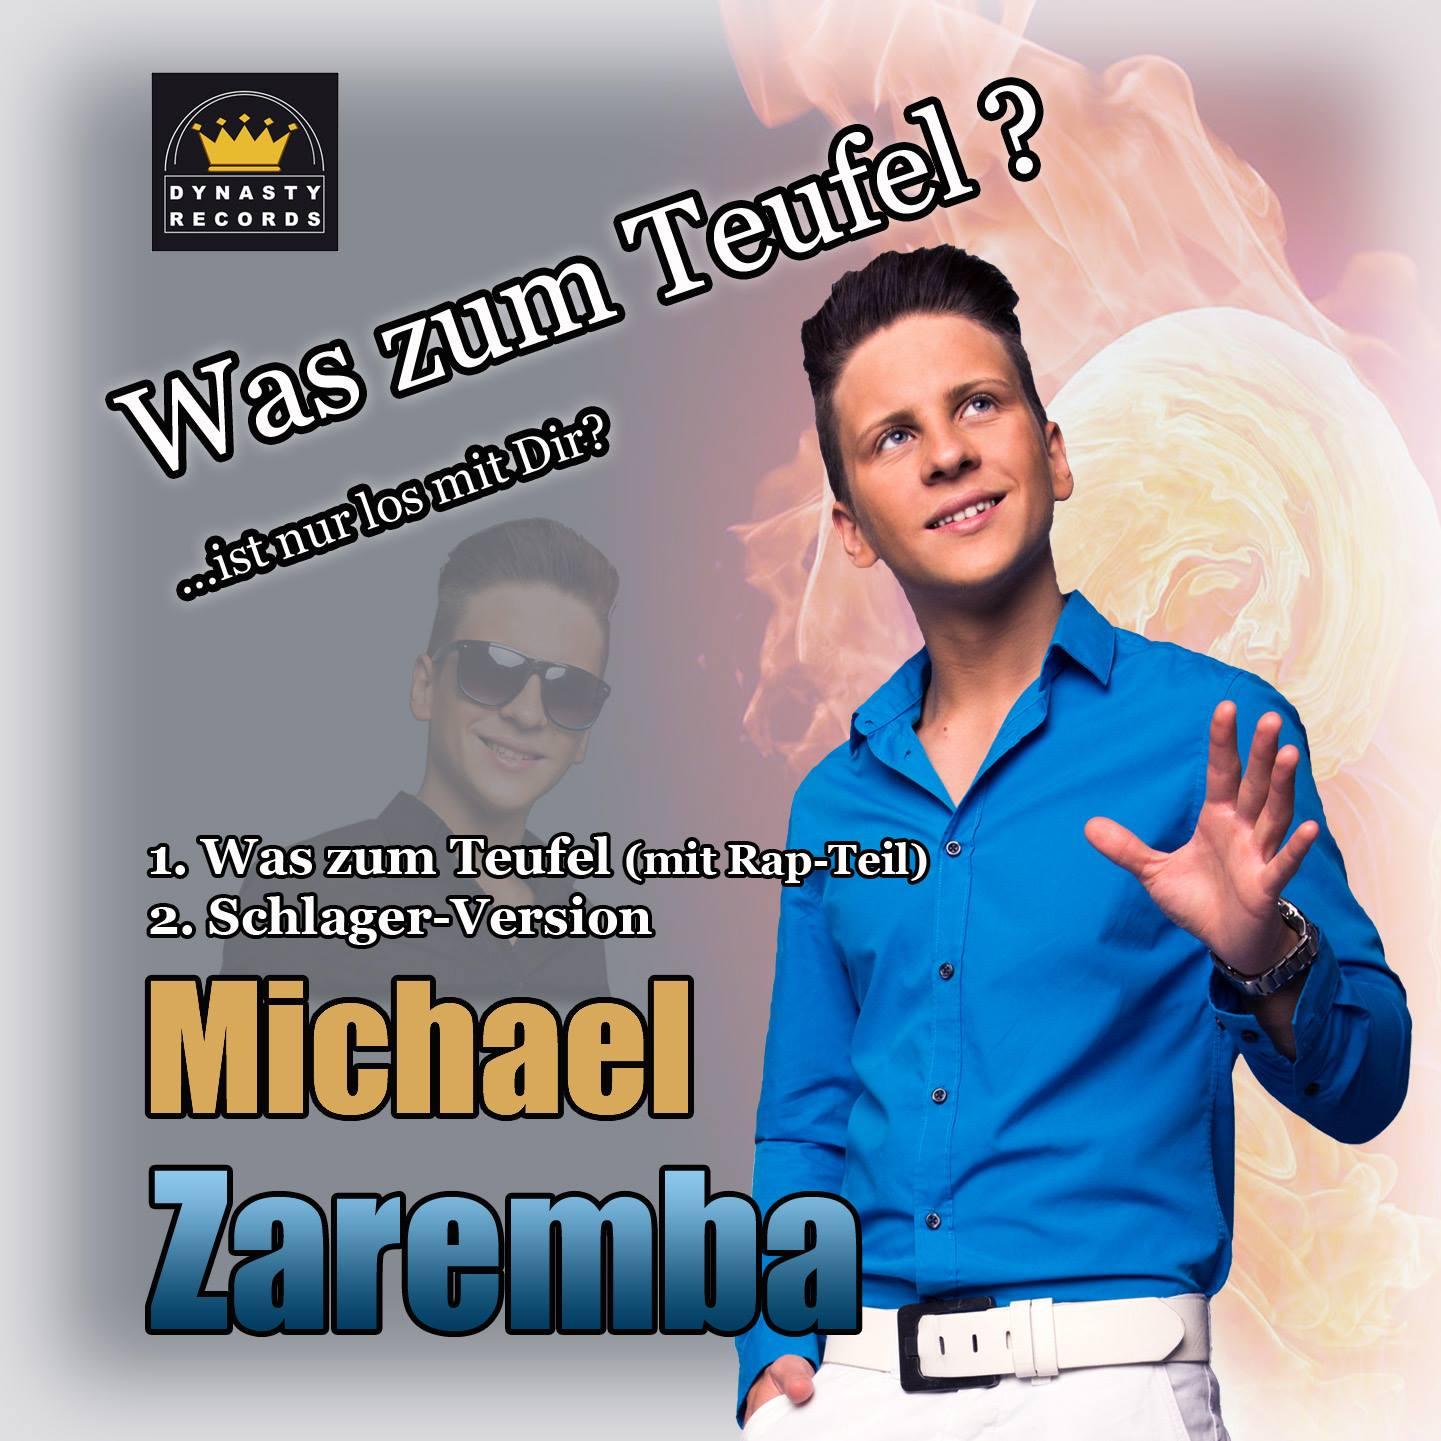 Michael Zaremba Was zum Teufel